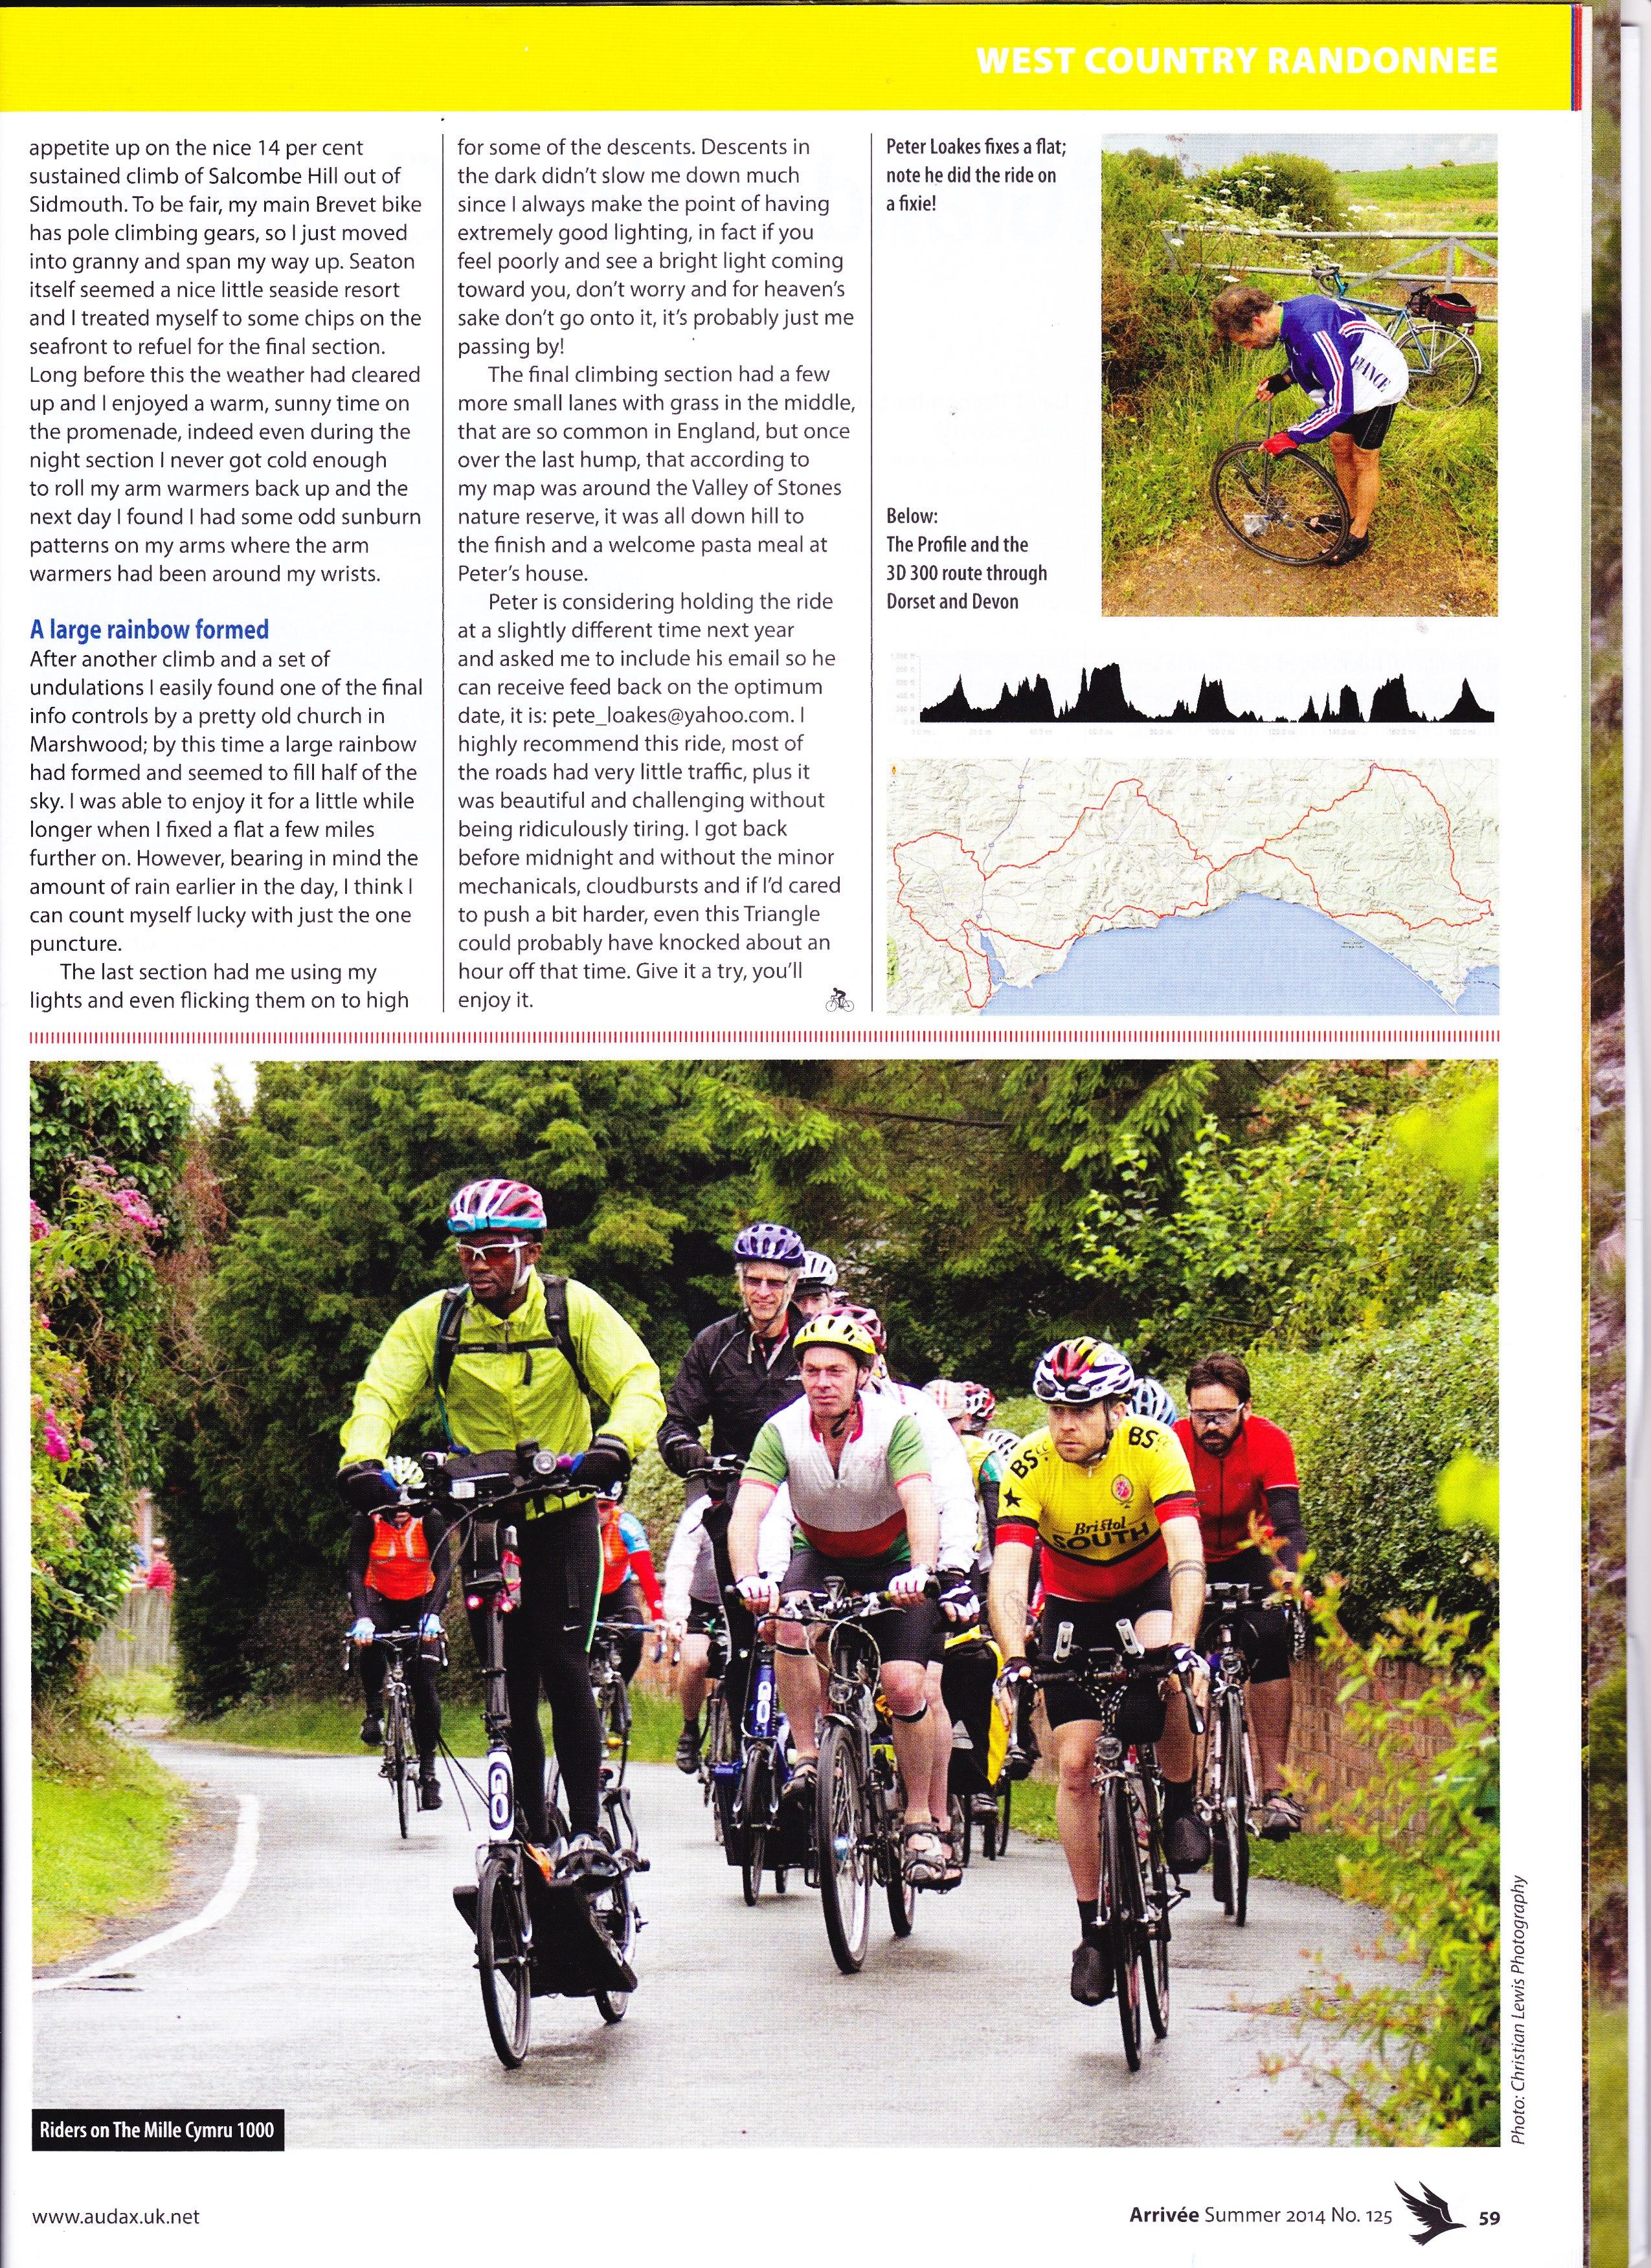 Riding in the Mille Cymru 1,000km Audax (27 June 2014)